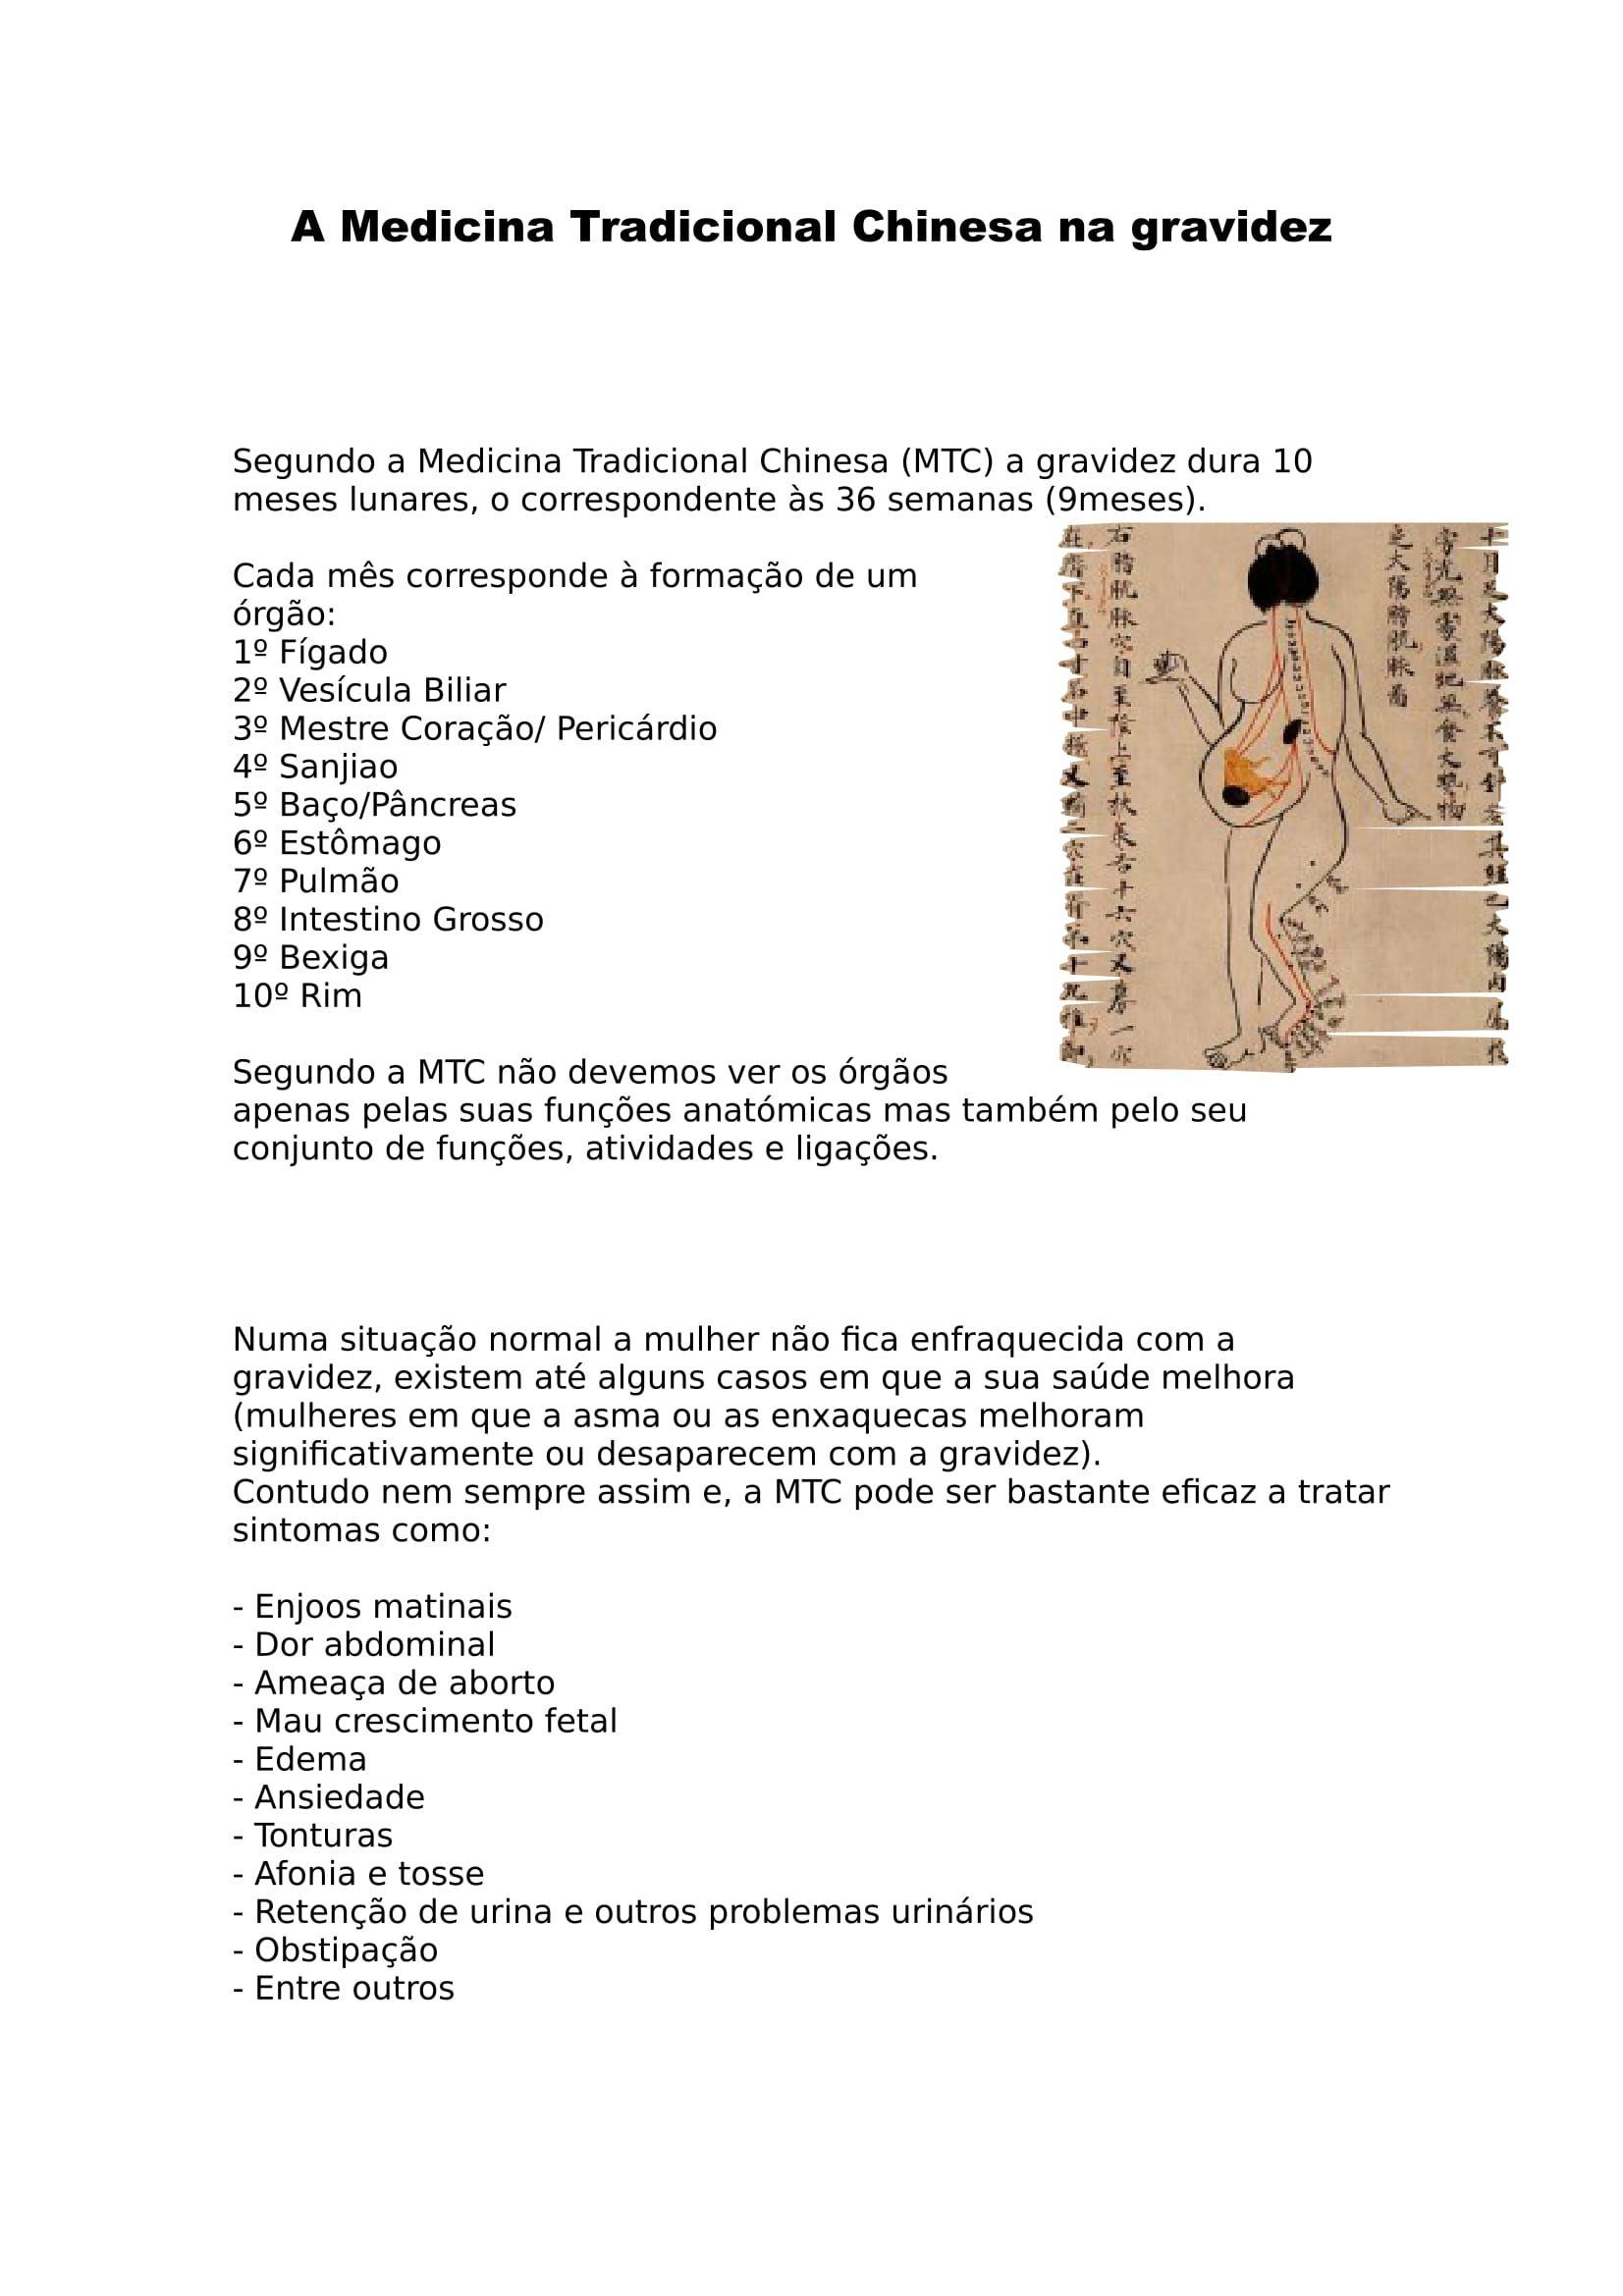 Sabia que a Medicina Tradicional Chinesa (MTC) pode ajudar a solucionar problemas muito comuns na gravidez (enjoos, obstipação edema,..)? Saiba mais no rastreio de MTC no próximo dia 23 com a Dra Joana Almeida na Articular - Ortopedia & Bem-estar. Cuide de si, nós ajudamos. Farmácia Rosa Farmácia Caldense Farmácia Santa Catarina #medicinatradicionalchinesa #gravidez